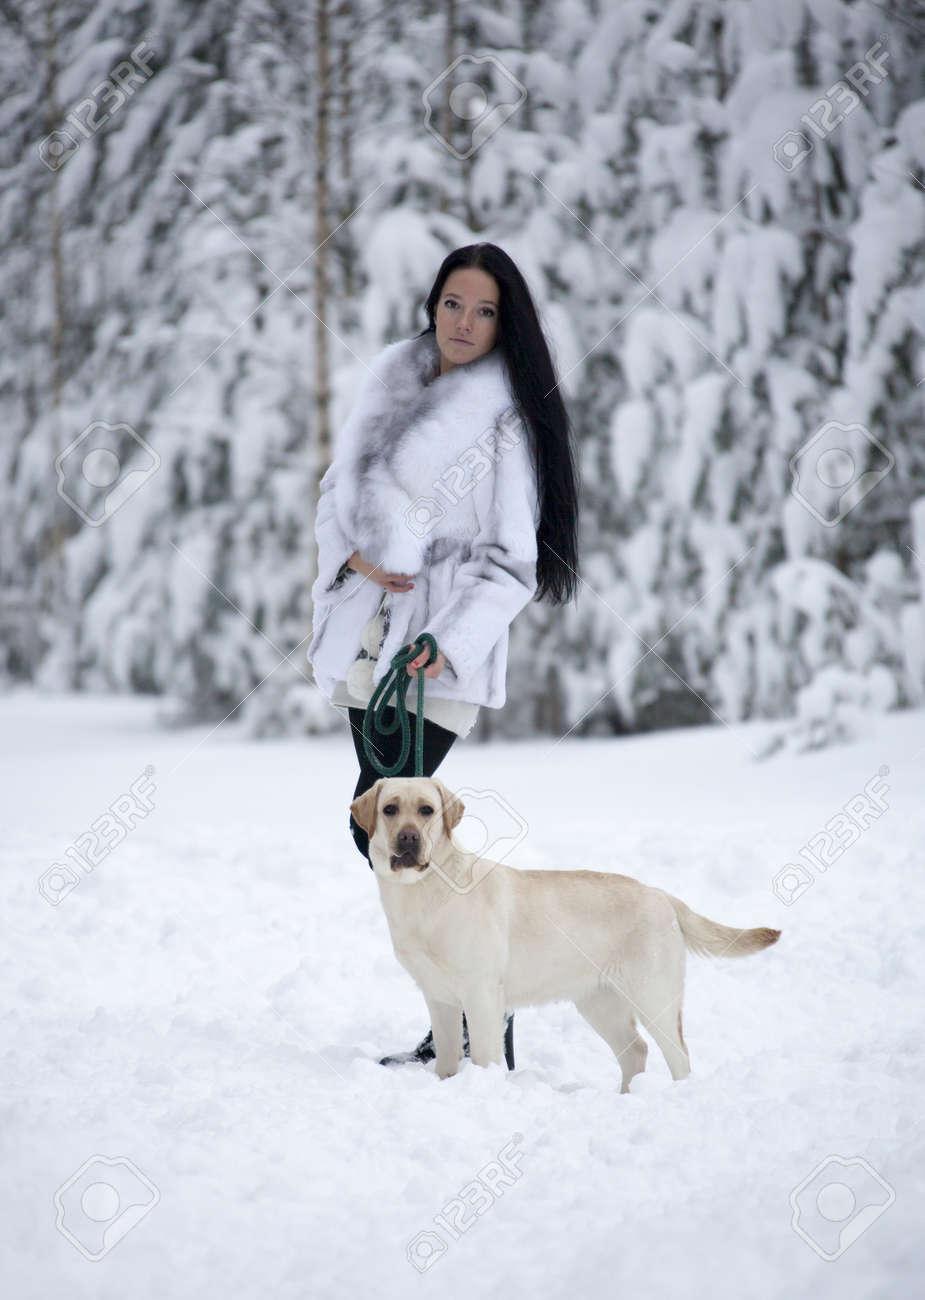 """Résultat de recherche d'images pour """"fille avec chien en hiver"""""""